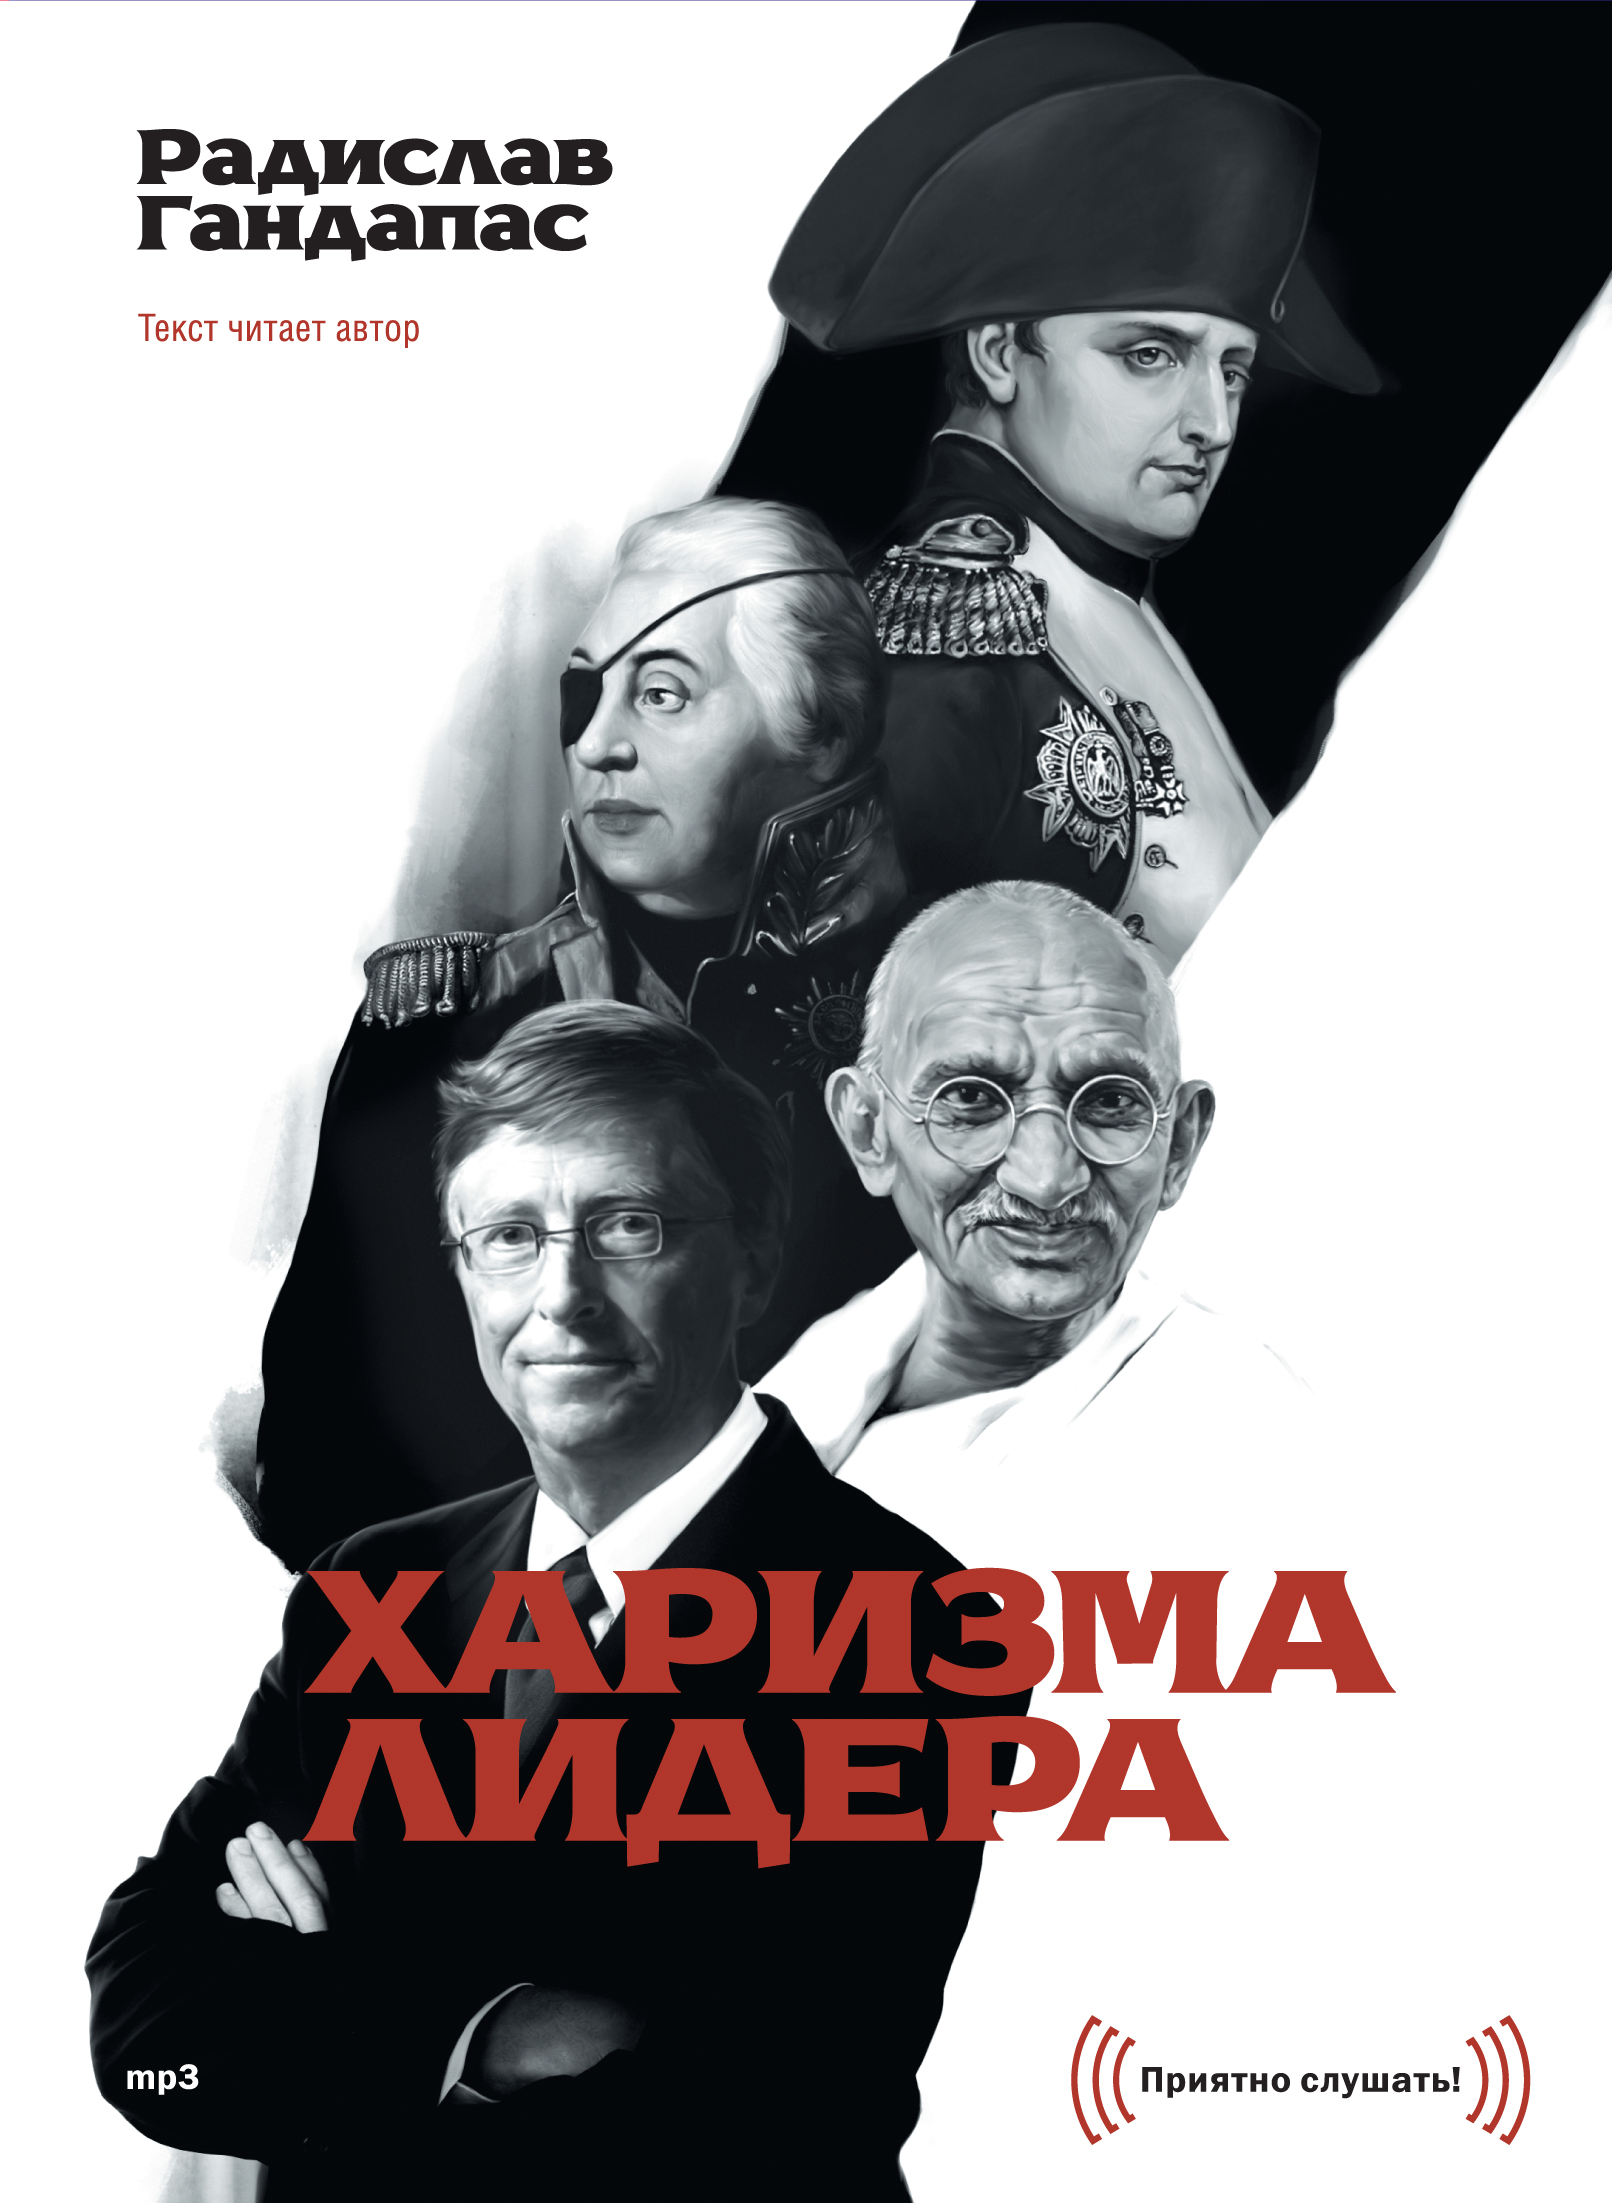 Харизма лидера (АУДИО) ( Радислав Гандапас  )